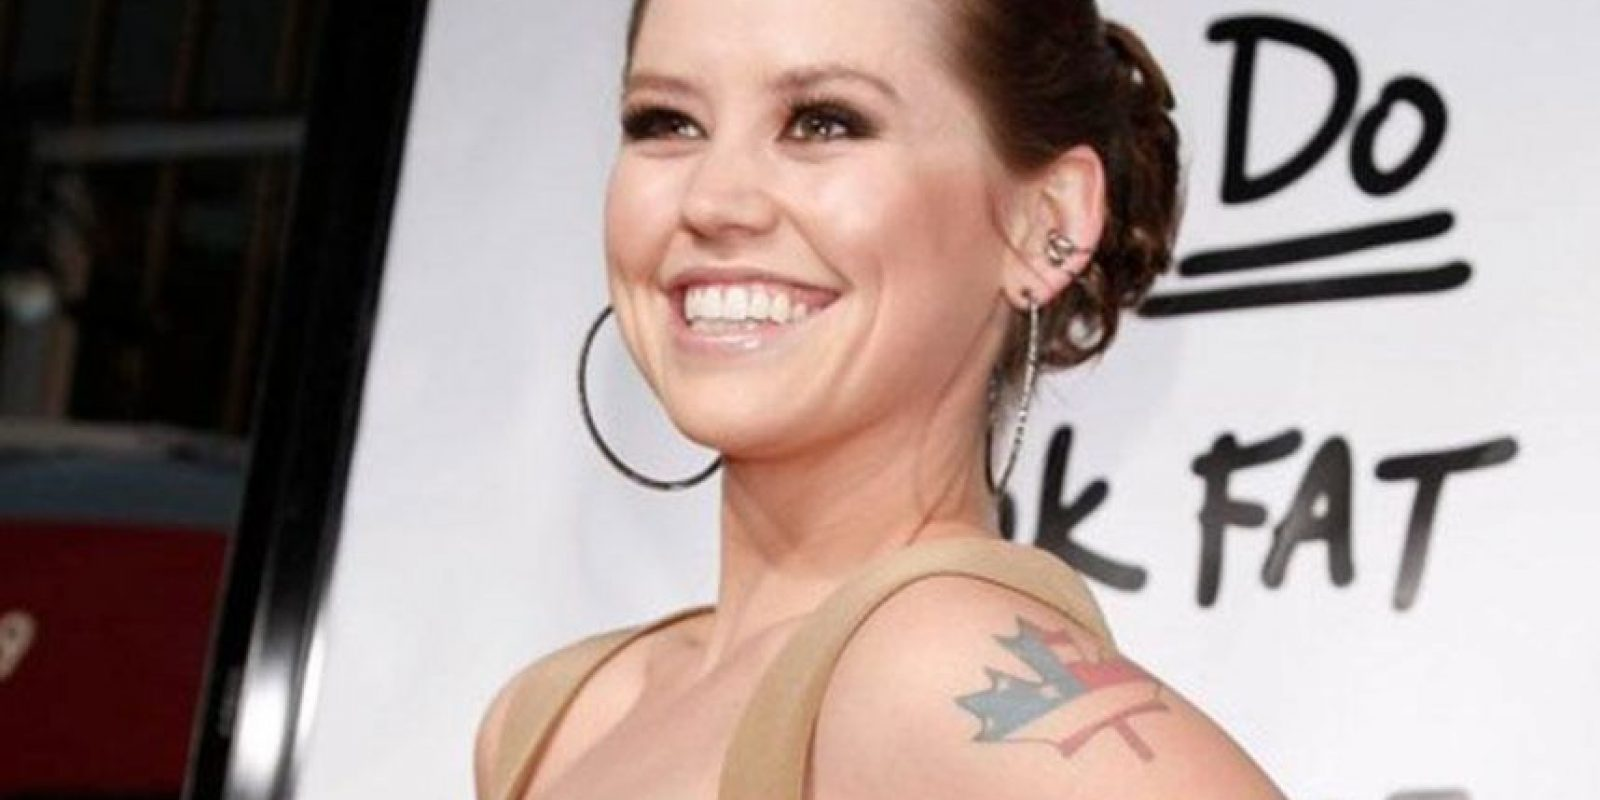 Ya que quiere ser conocida por sí misma. Foto:vía Getty Images